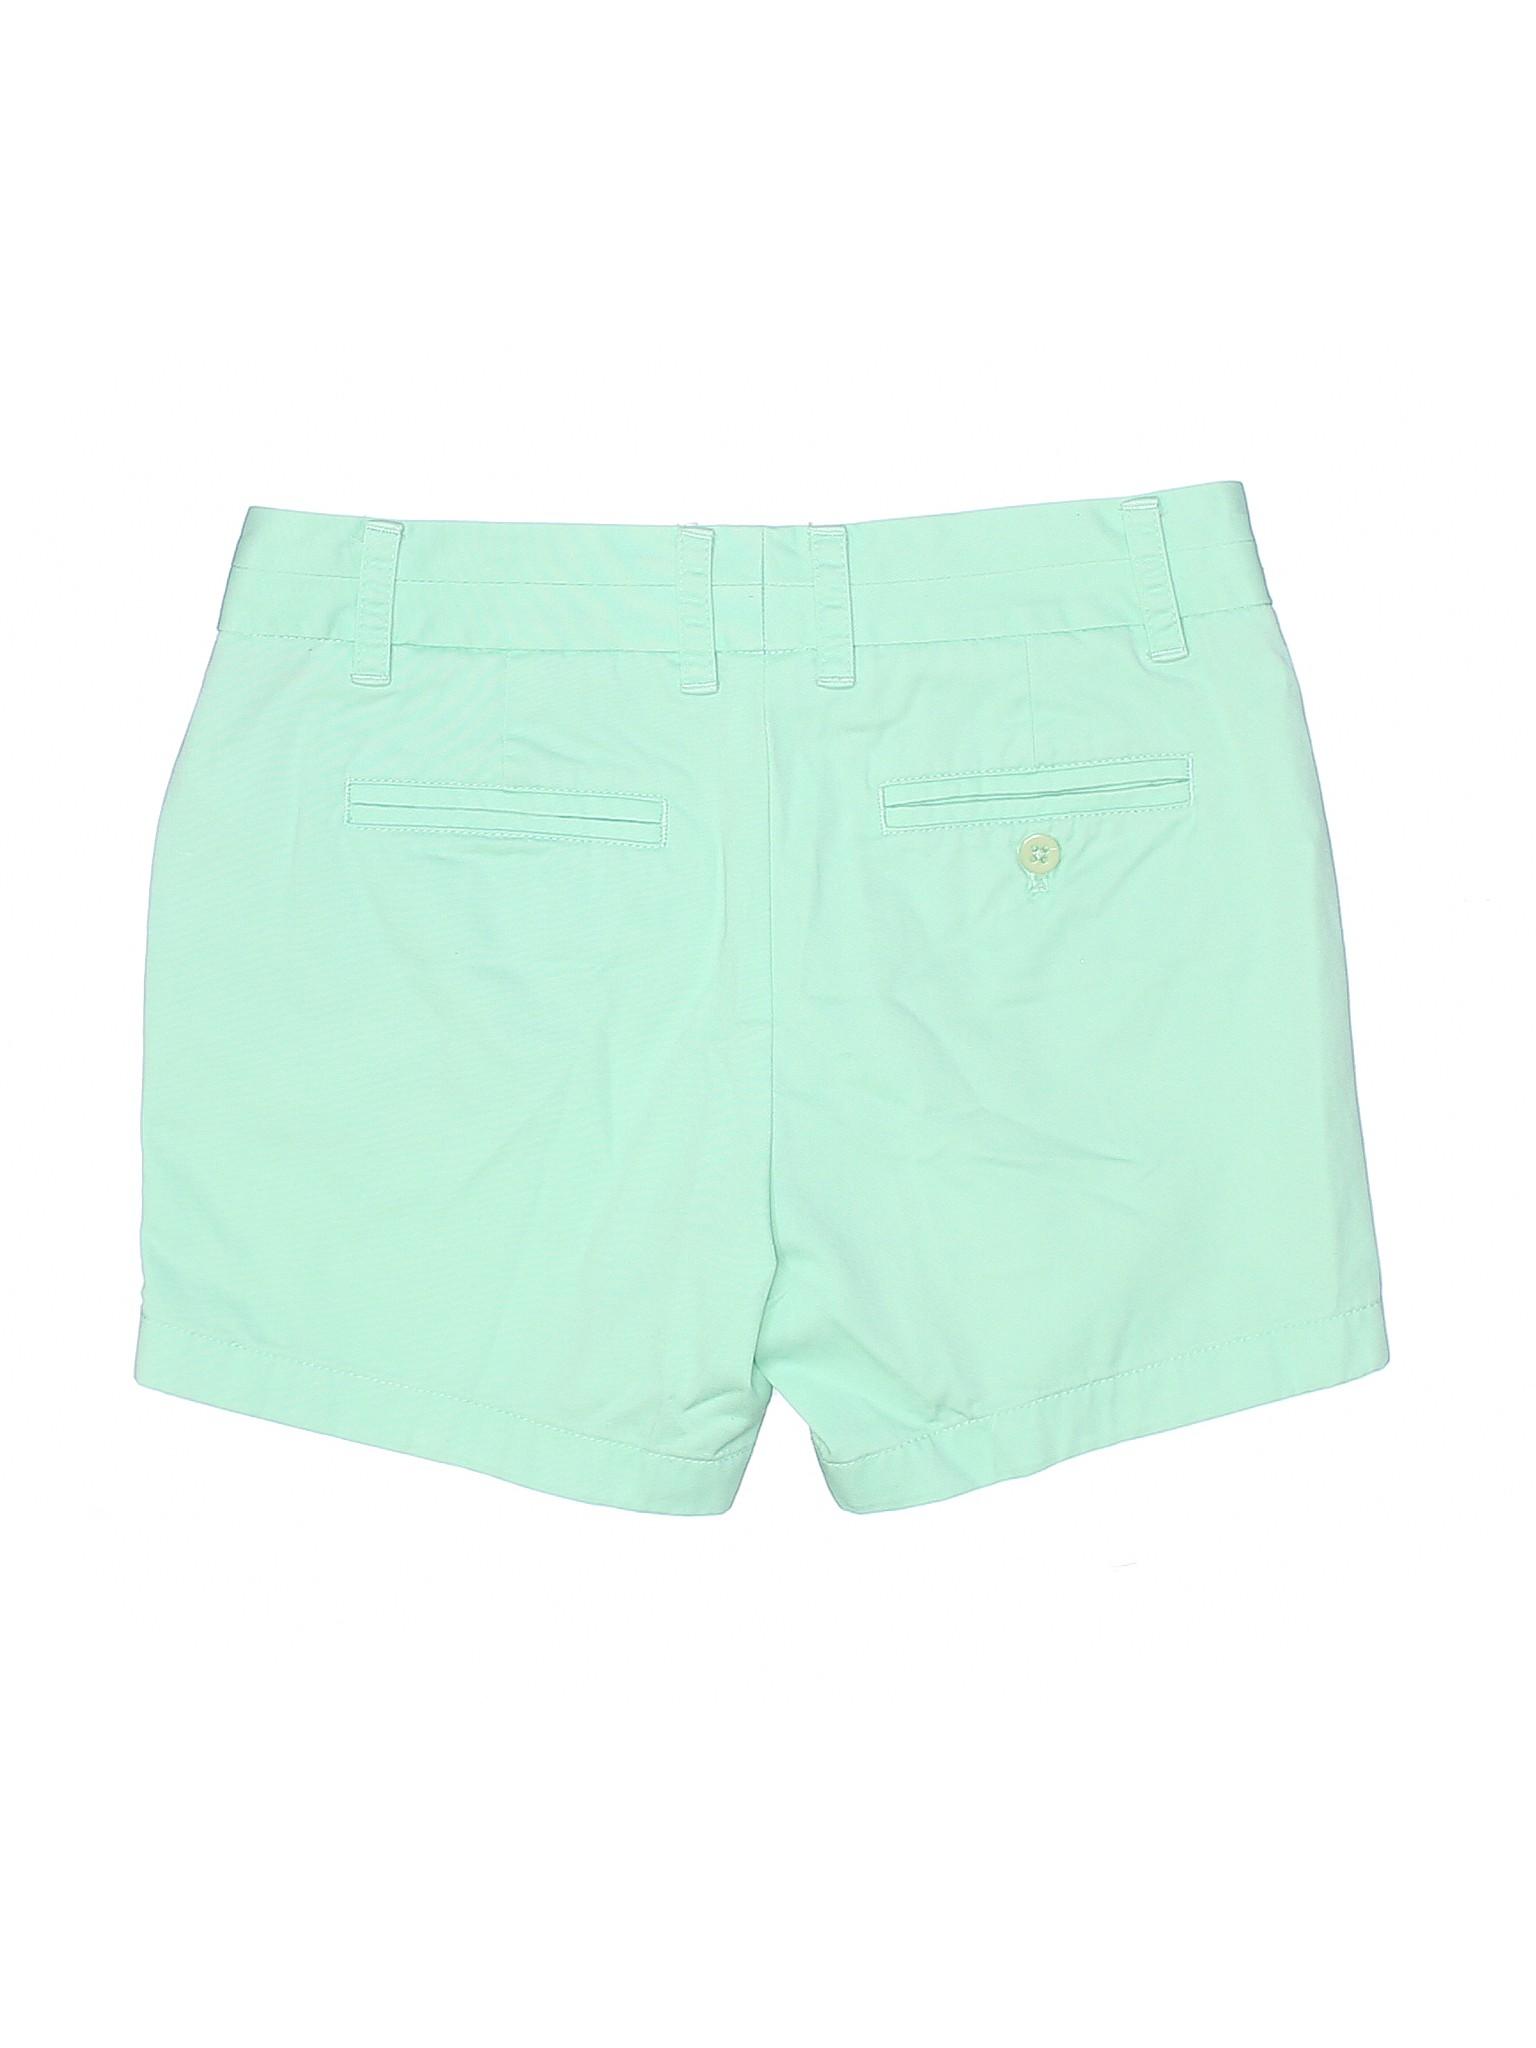 Shorts Shorts Boutique Crew J J Boutique Boutique J Crew gzx44BF